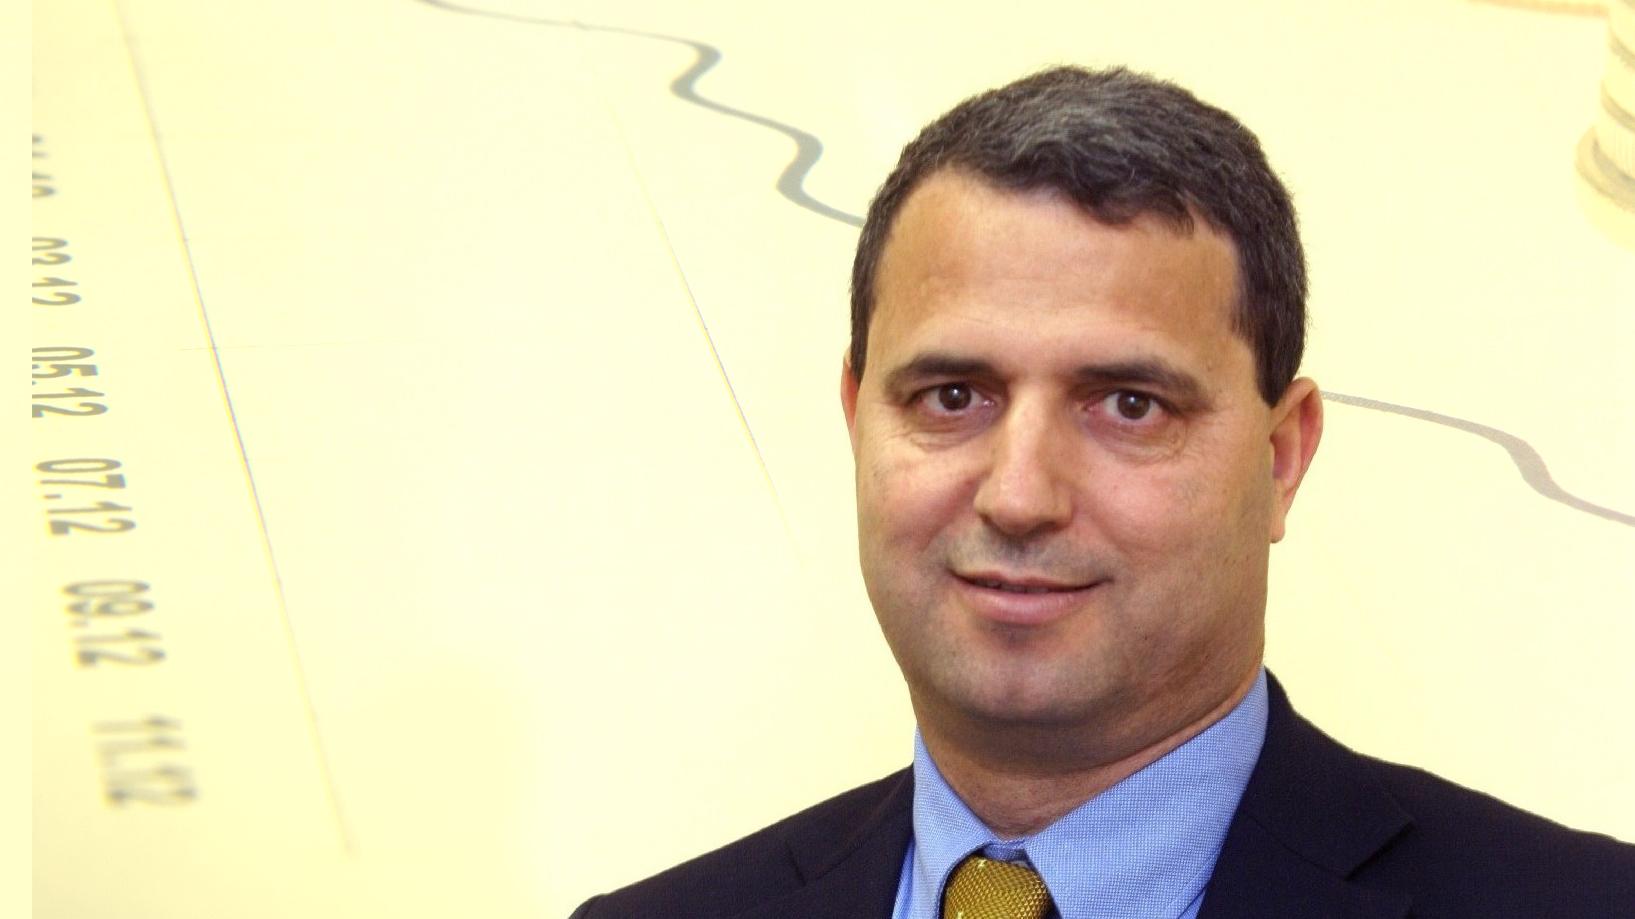 """אלי אלעזרא יו""""ר הכשרה השתכר 2.65 מיליון שקל ב-2017"""